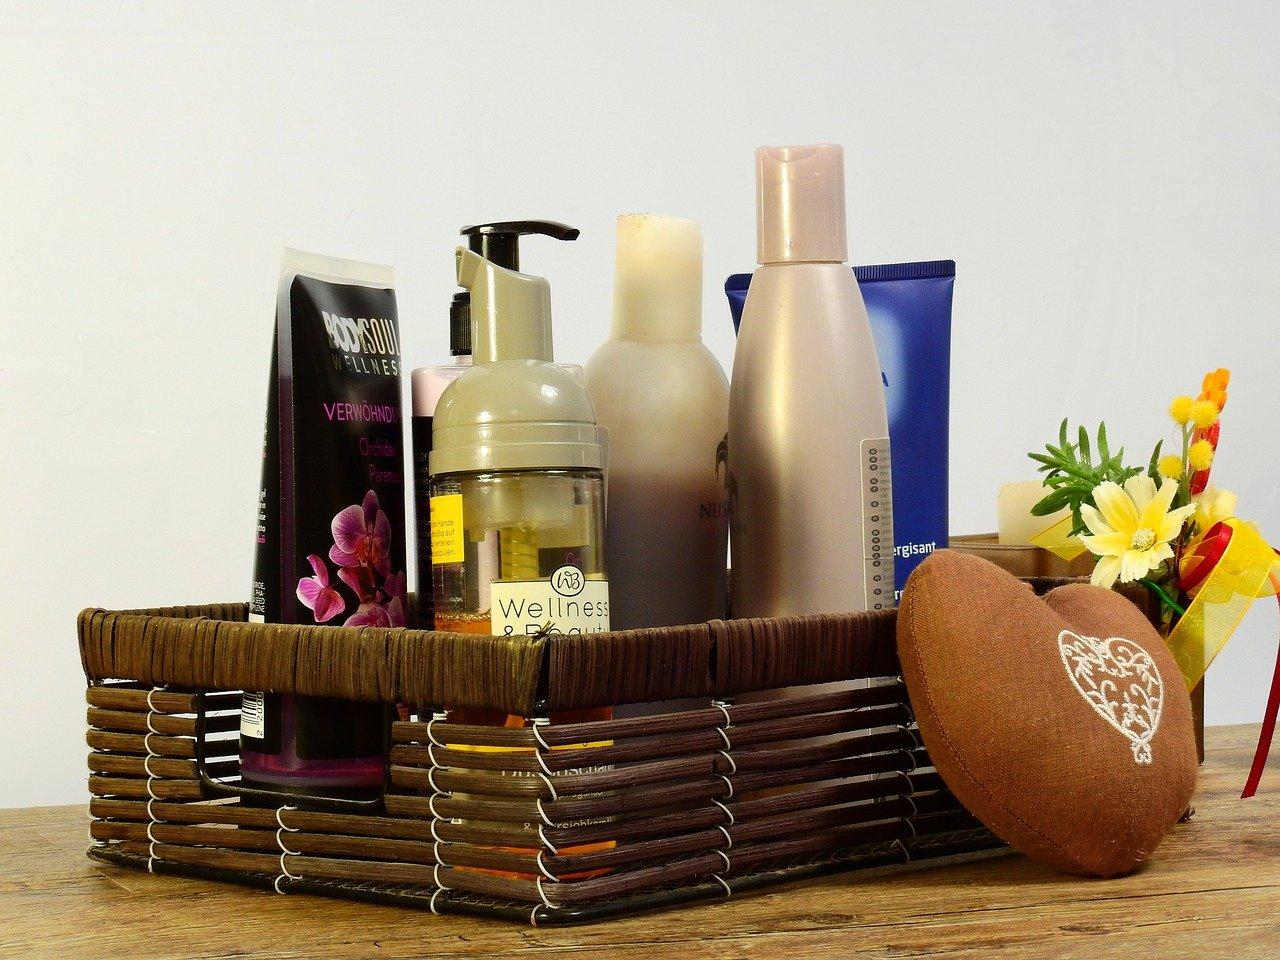 Un outil d'éco-conception sur mesure pour les emballages cosmétiques